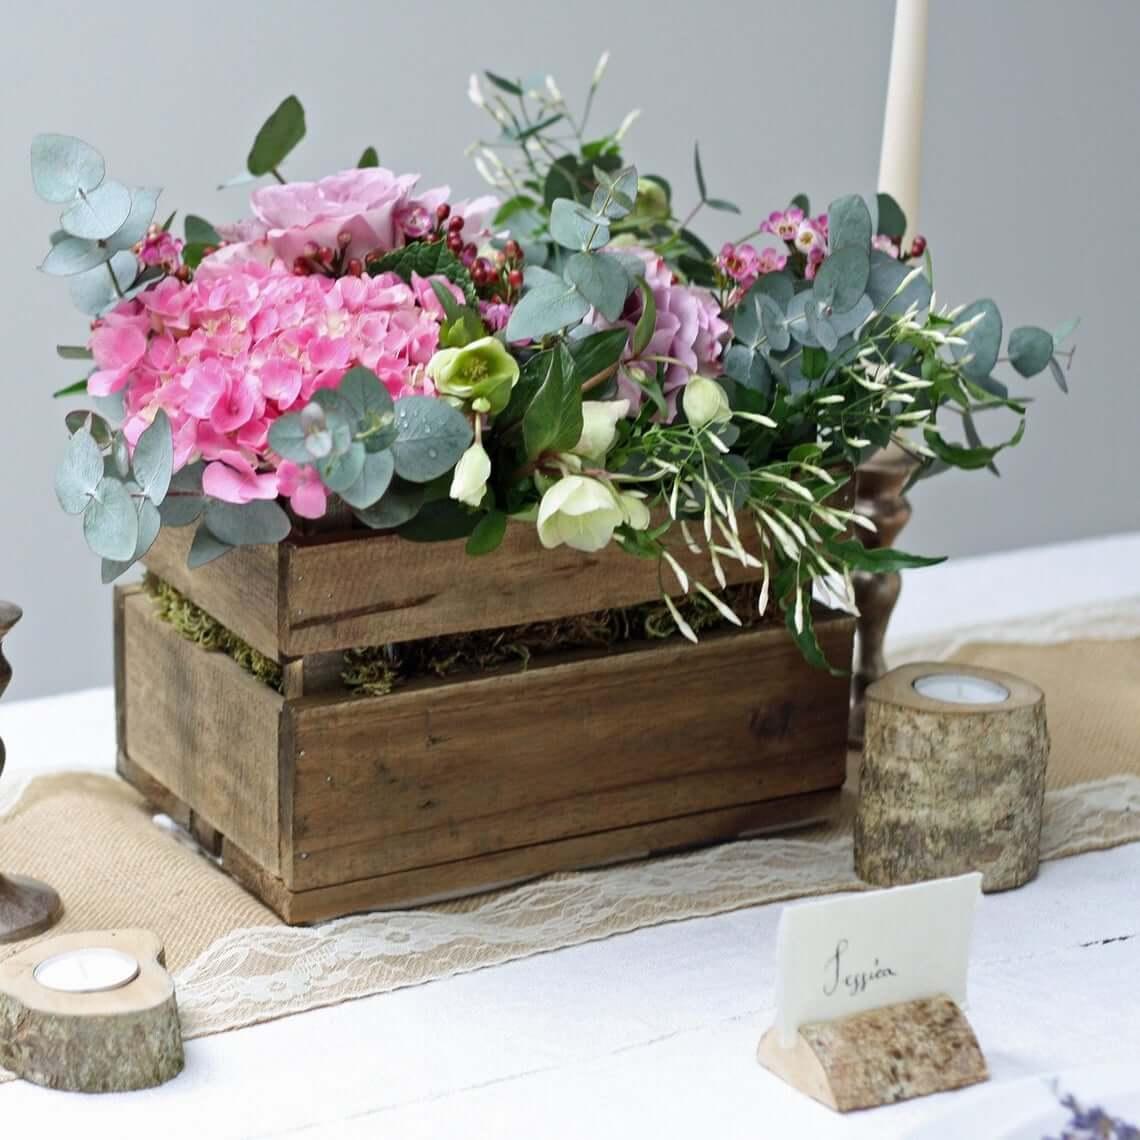 Peek-a-boo Rich Brown Wooden Slat Box